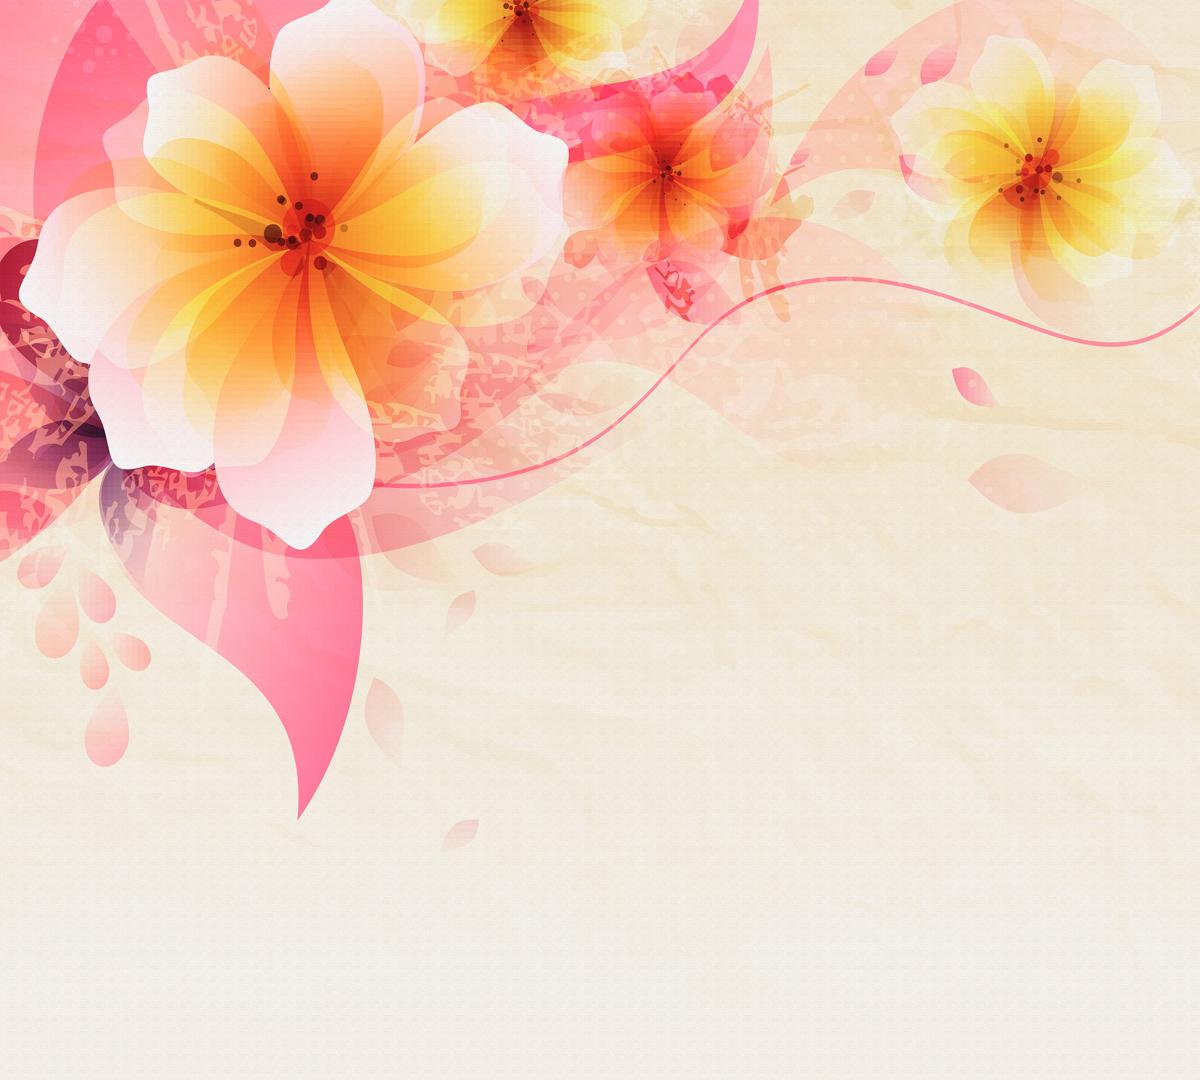 Фотообои Barton Wallpapers Цветы, 300 x 270 см. F28403F28403Флизелиновые фотообои Barton Wallpapers Цветы. Превосходное цифровое качество изображения, экологичные, износостойкие, не пахнут, стойки к выцветанию, просты в поклейке. Каждому человеку хочется внести индивидуальности в свой интерьер и сделать его уютней. Английские обои Barton Wallpapers сделают это лучше всего!